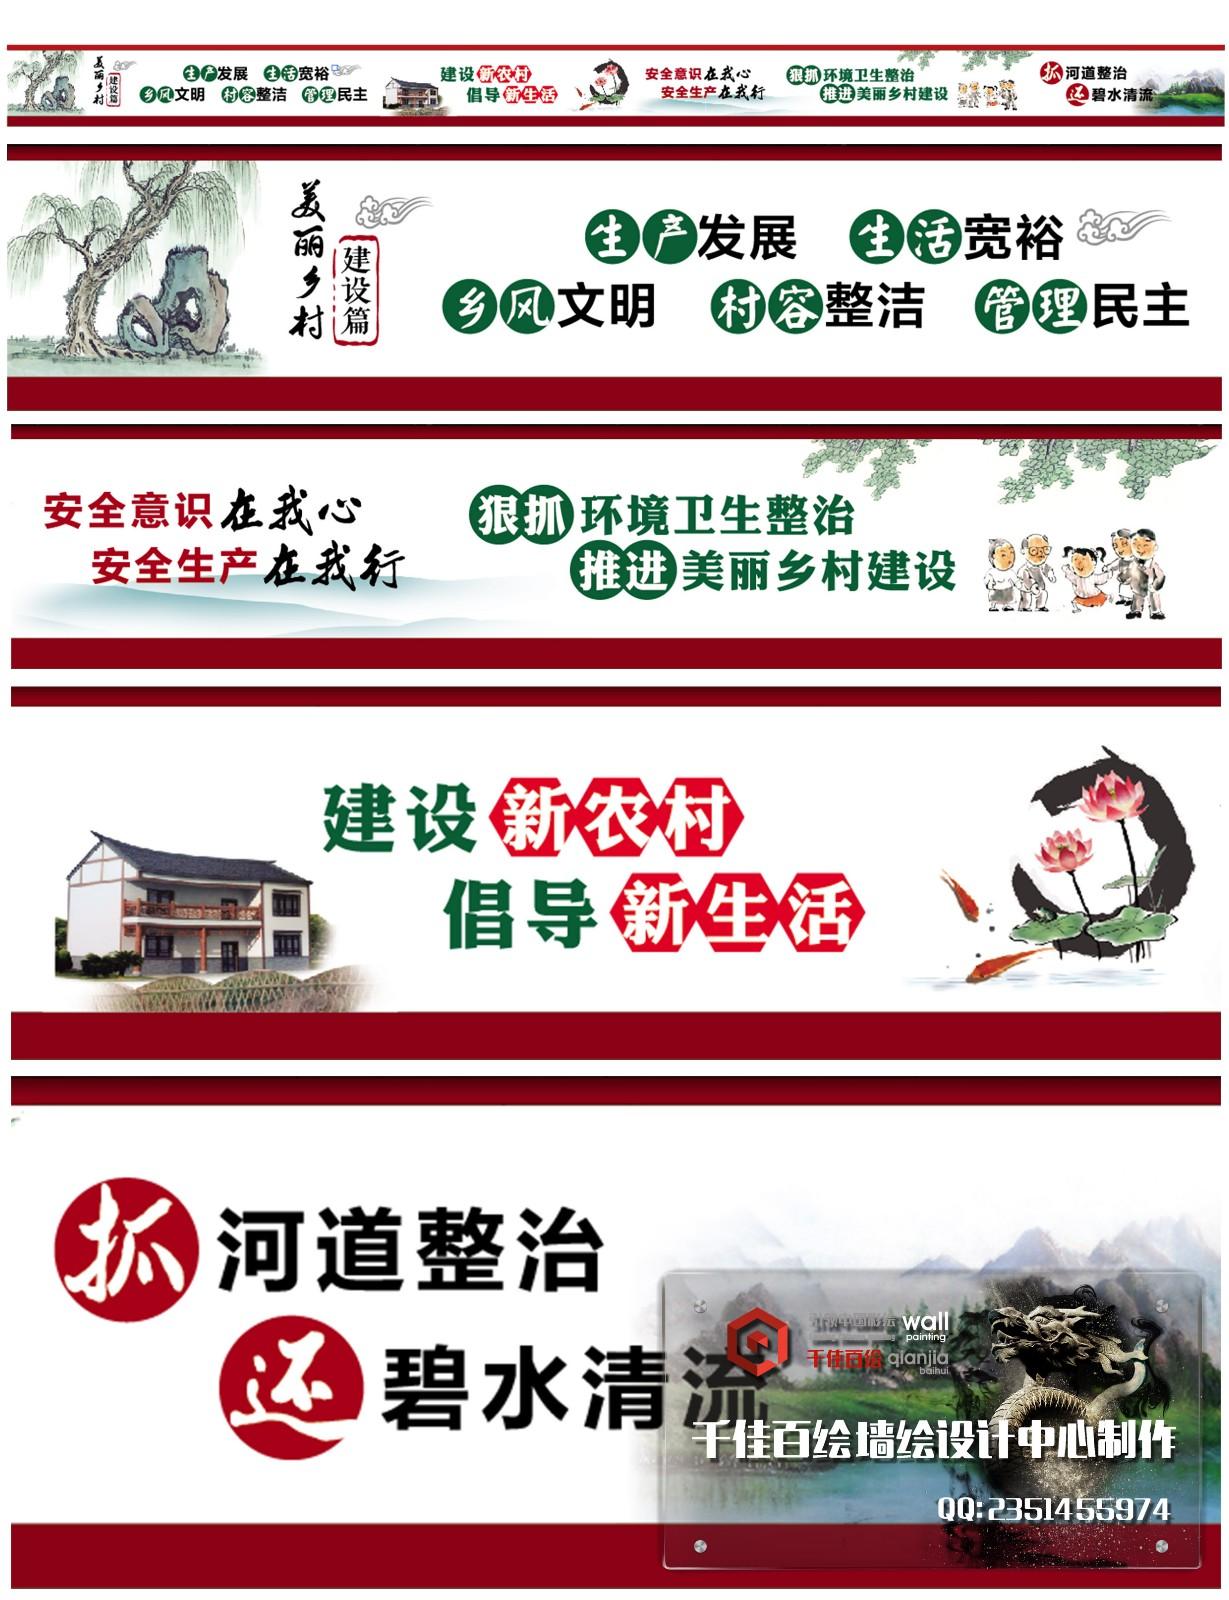 党政建设文化墙,新农村文化墙素材,美丽乡村文化墙素材,农村手绘墙